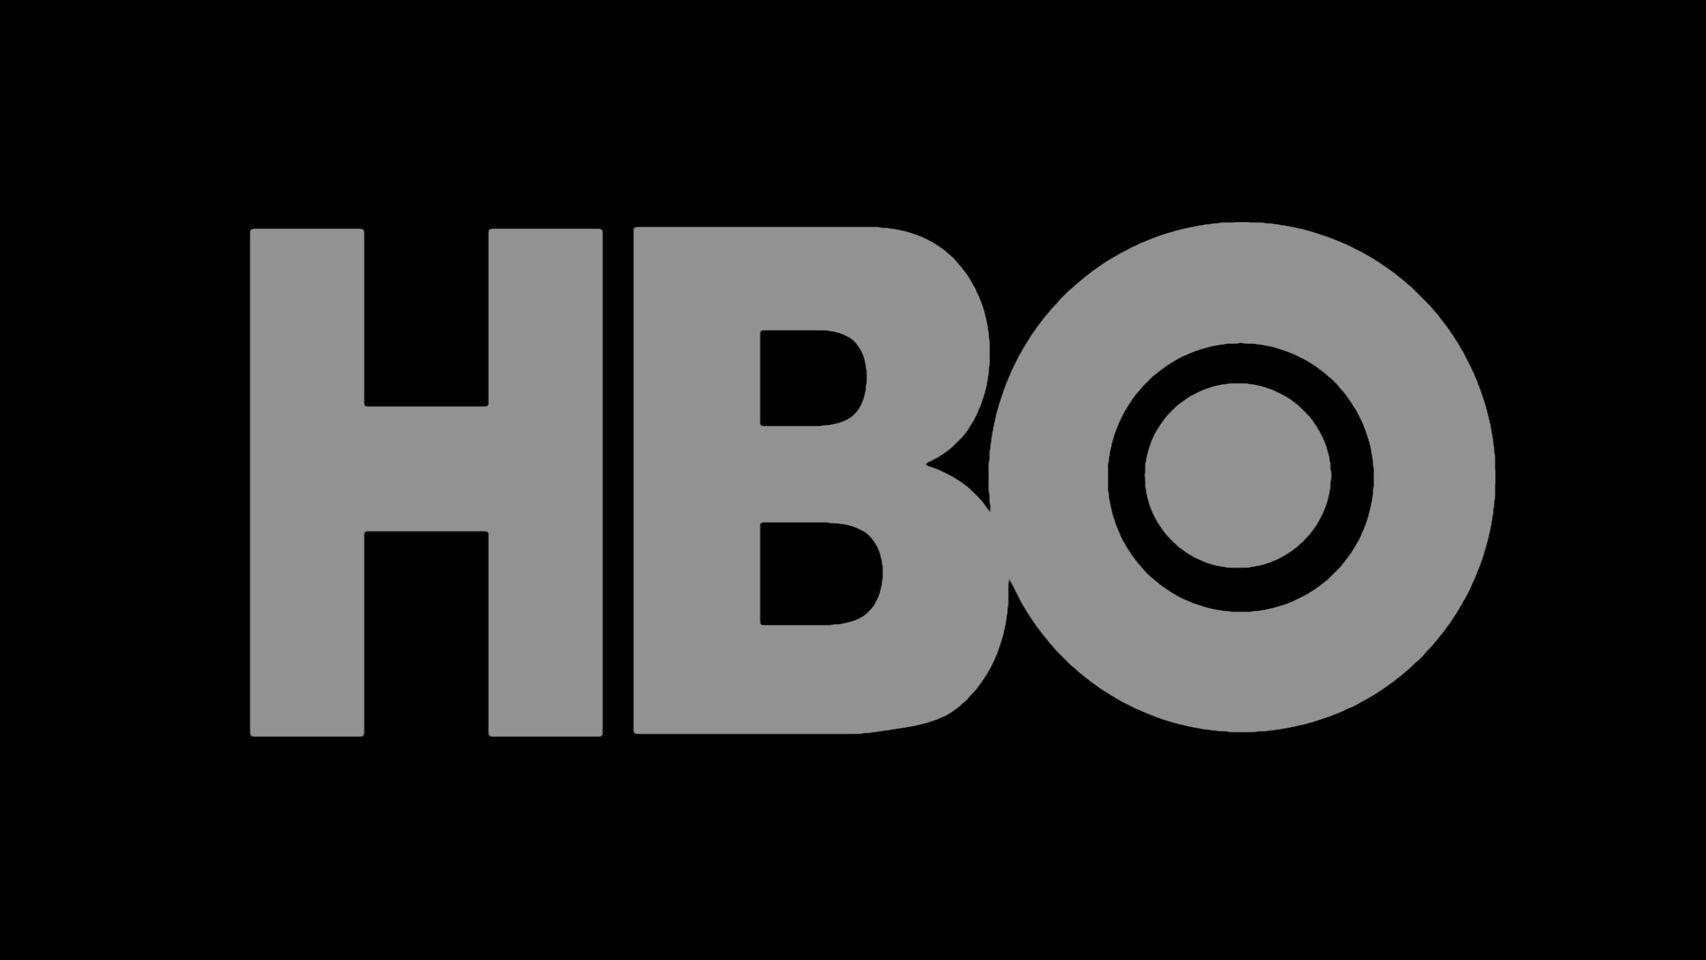 3 meses HBO España GRATIS